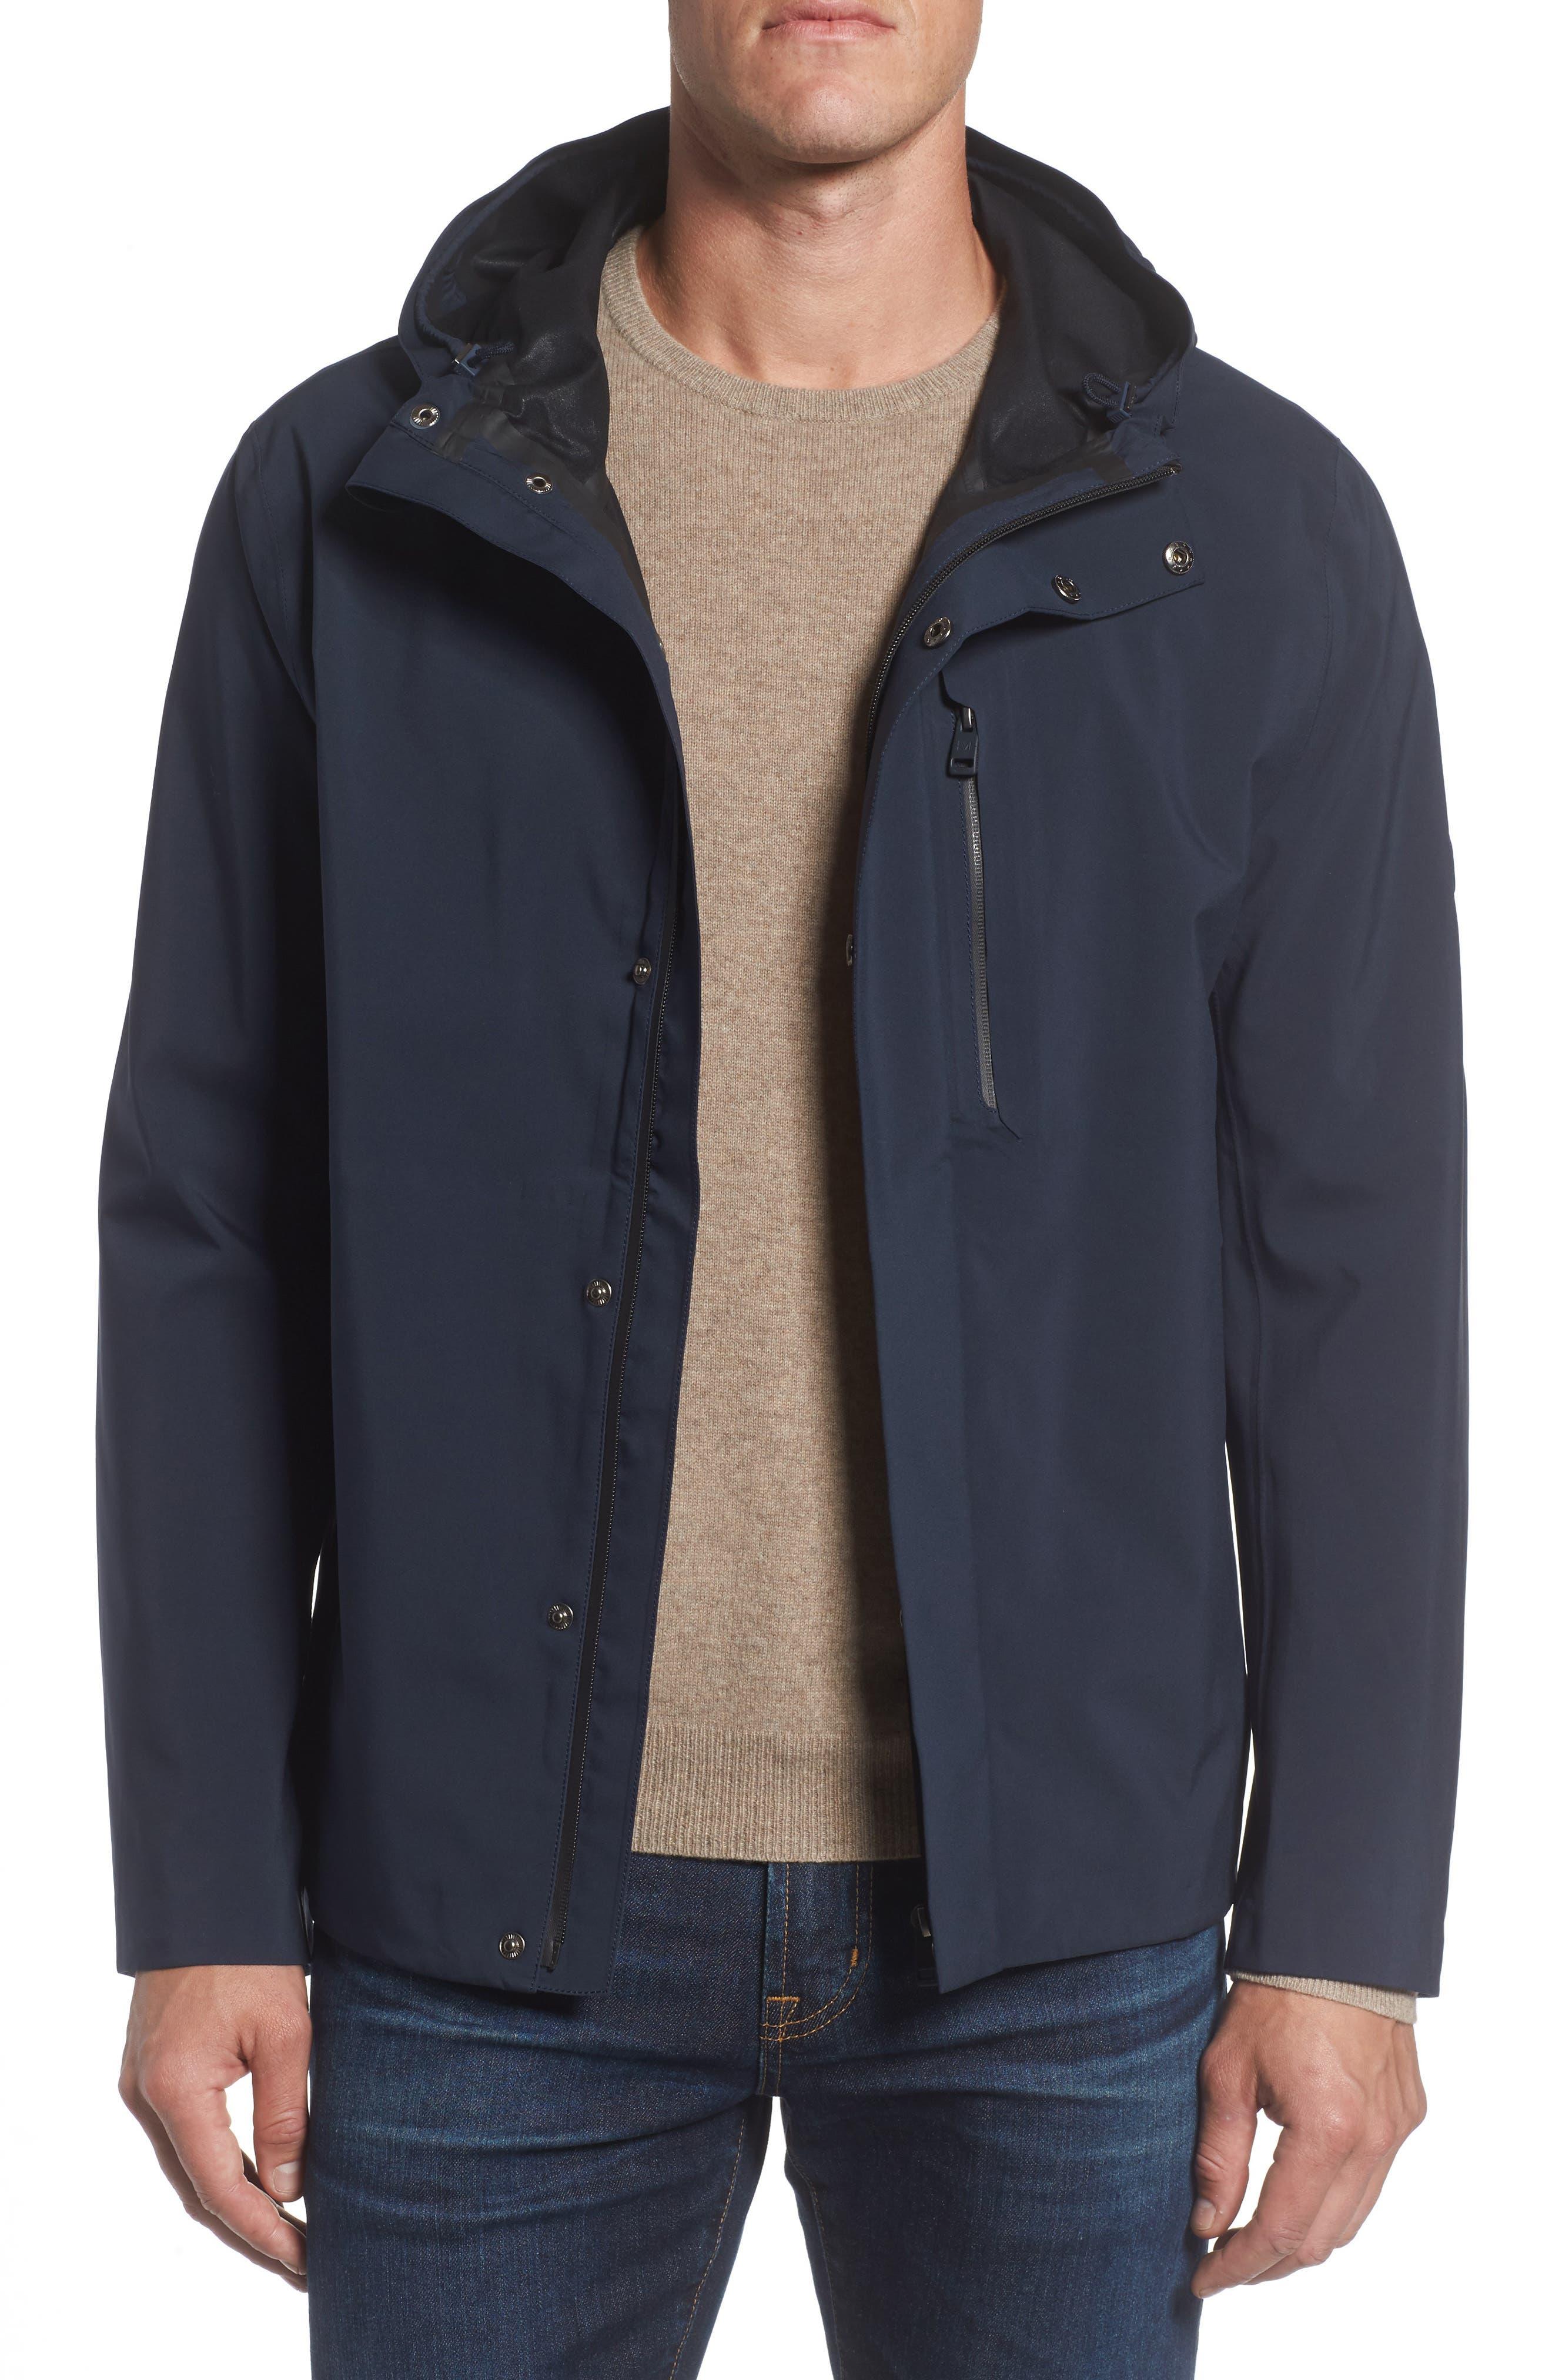 Marc New York Stratus Waterproof Hooded Rain Jacket,                         Main,                         color, Ink